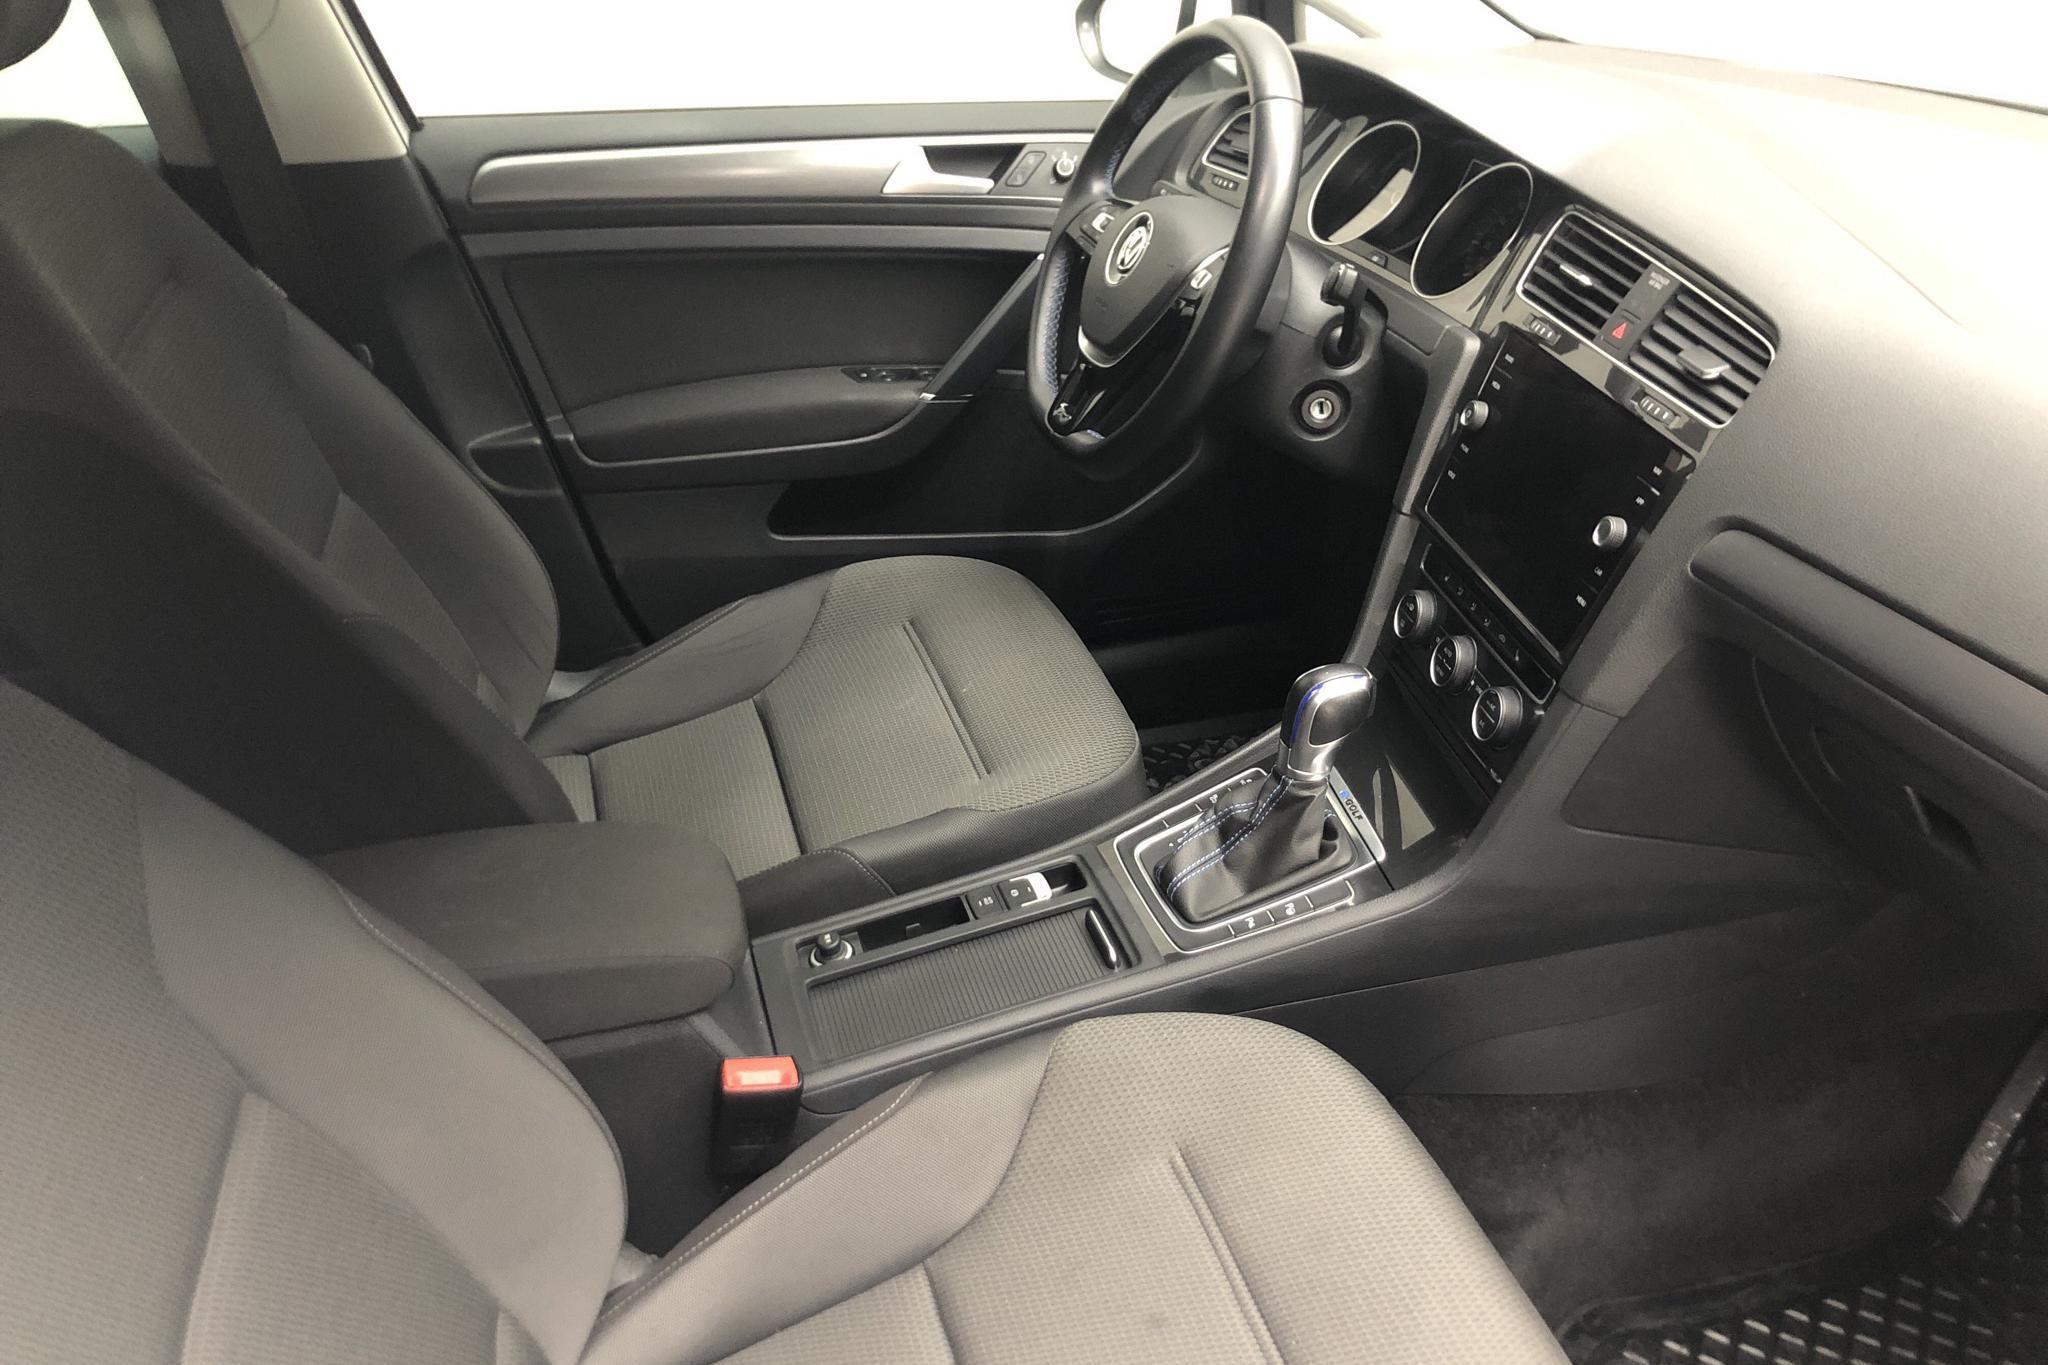 VW e-Golf VII 5dr (136hk) - 3 760 mil - Automat - vit - 2019